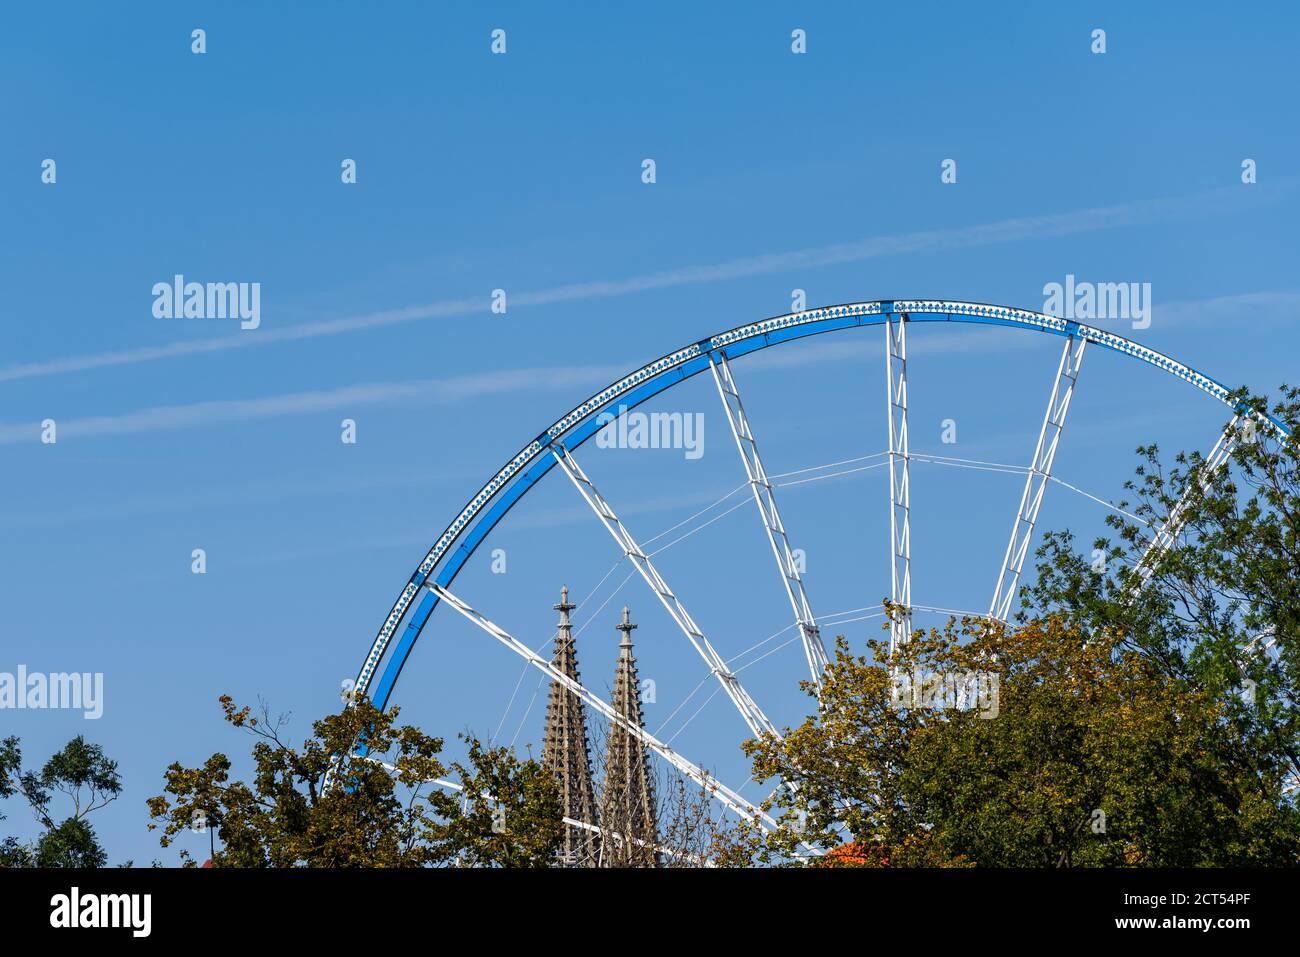 Riesenrad auf dem Ernst-Reuter-Platz und Domtürme in Regensburg bei Tag mit blauem Himmel Stock Photo